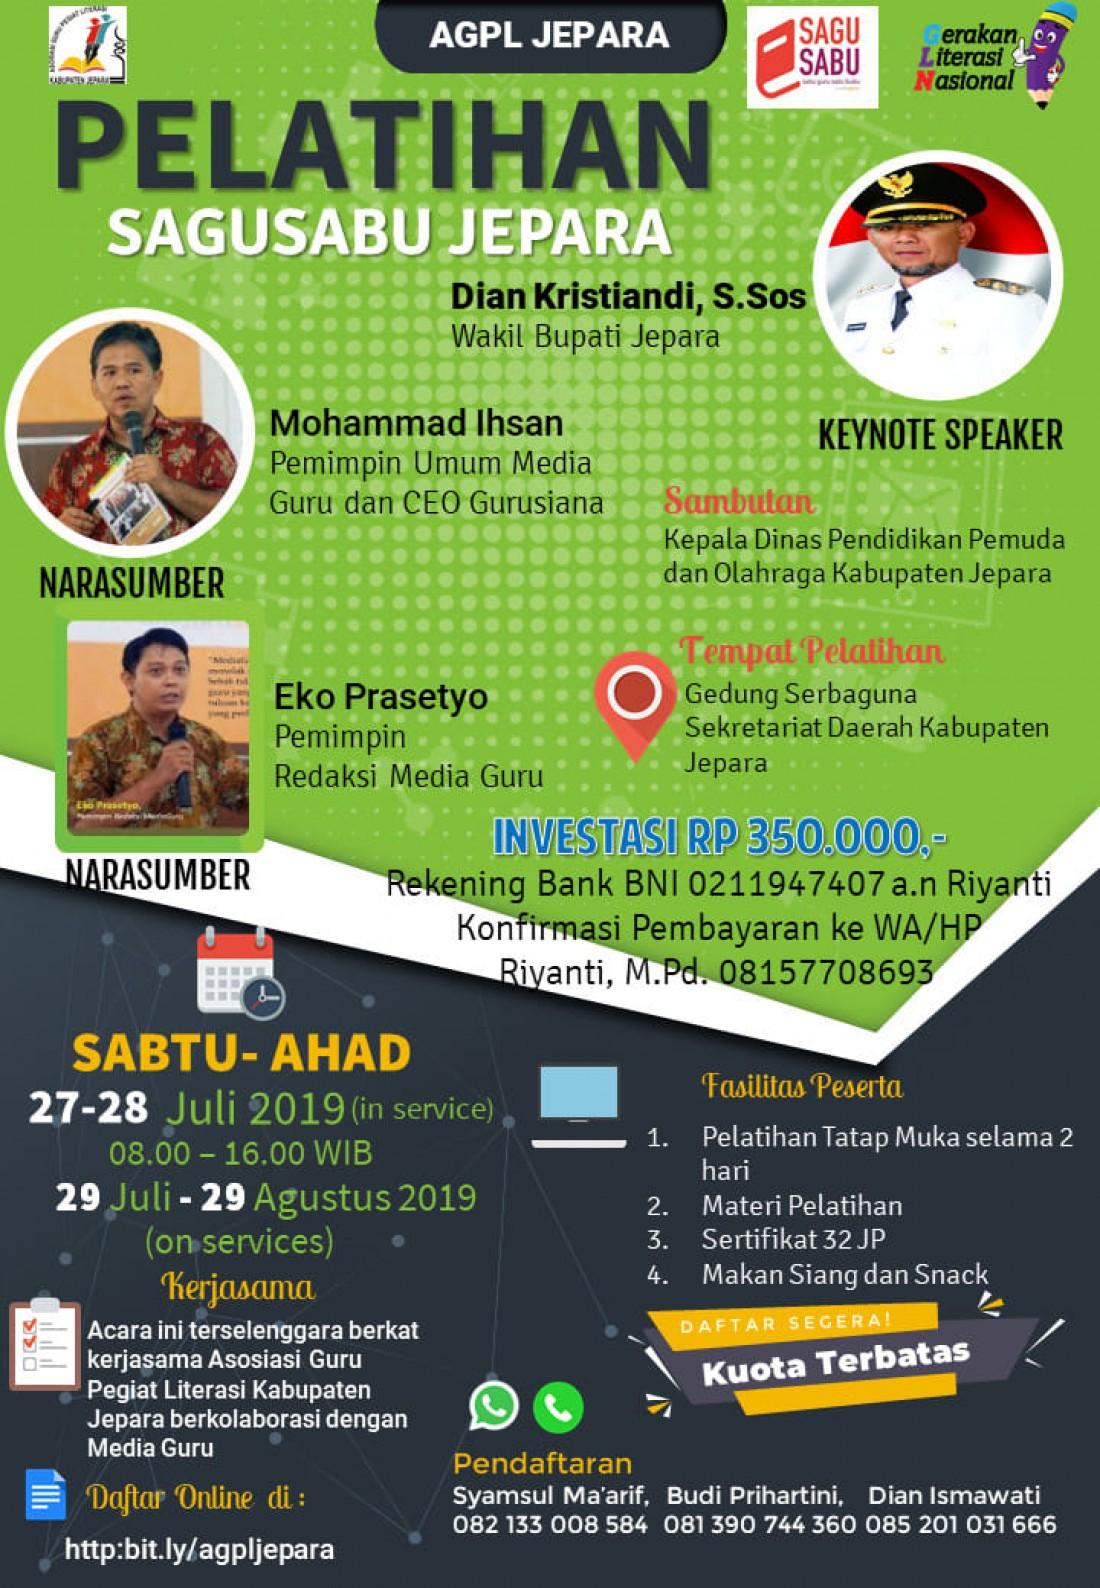 Pelatihan Sagusabu Jepara (27-28 Juli 2019)